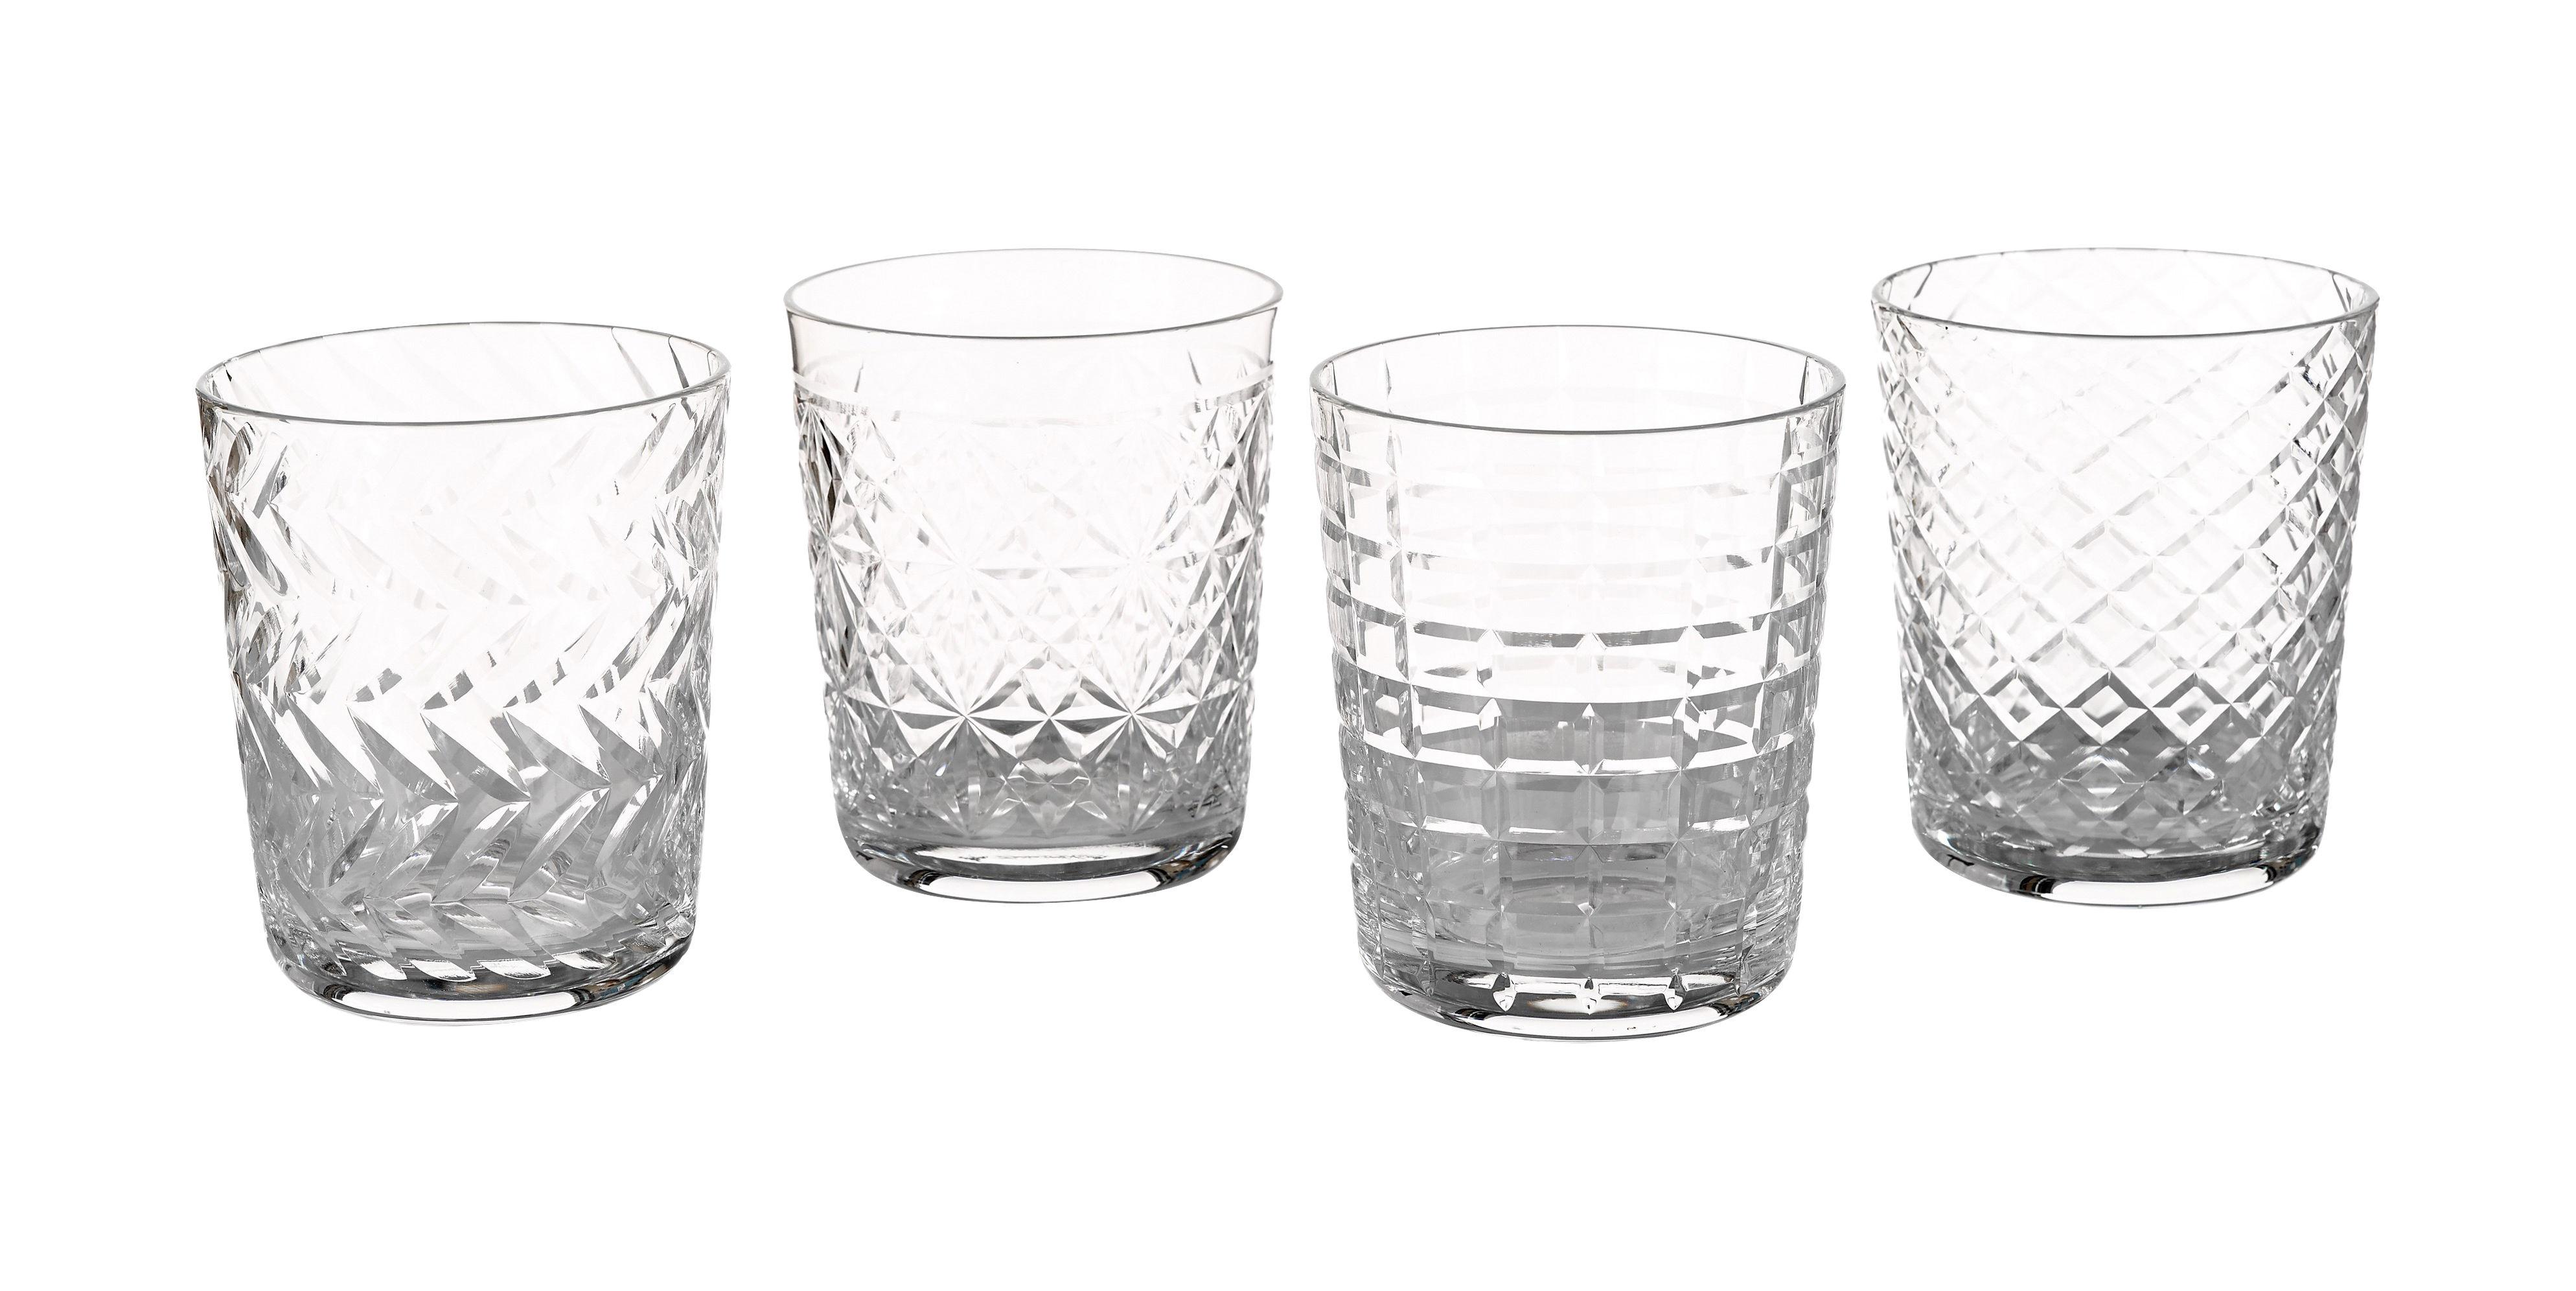 cuttings glas 4er set reliefmuster transparent by pols potten made in design. Black Bedroom Furniture Sets. Home Design Ideas